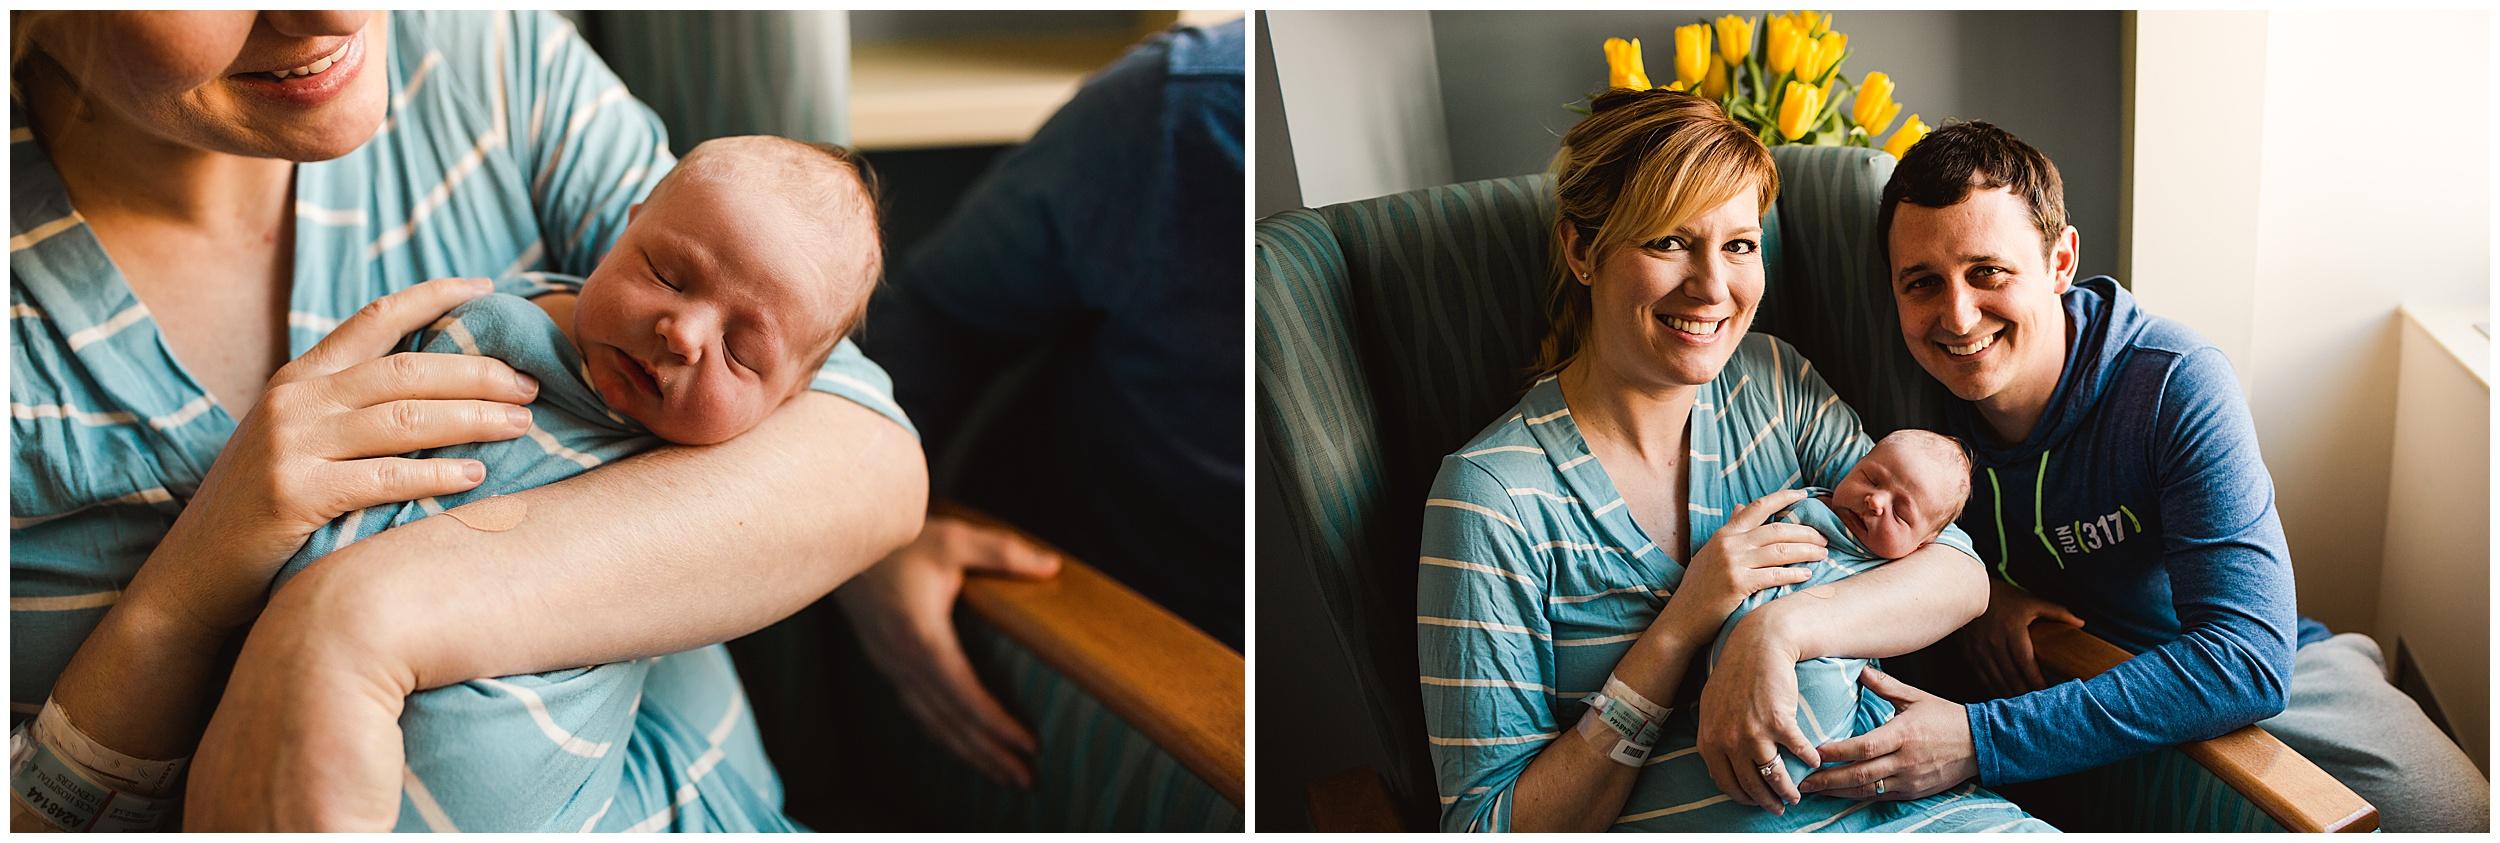 Indianapolis Family Photographer_Kelli White Photography_IG_0142.jpg